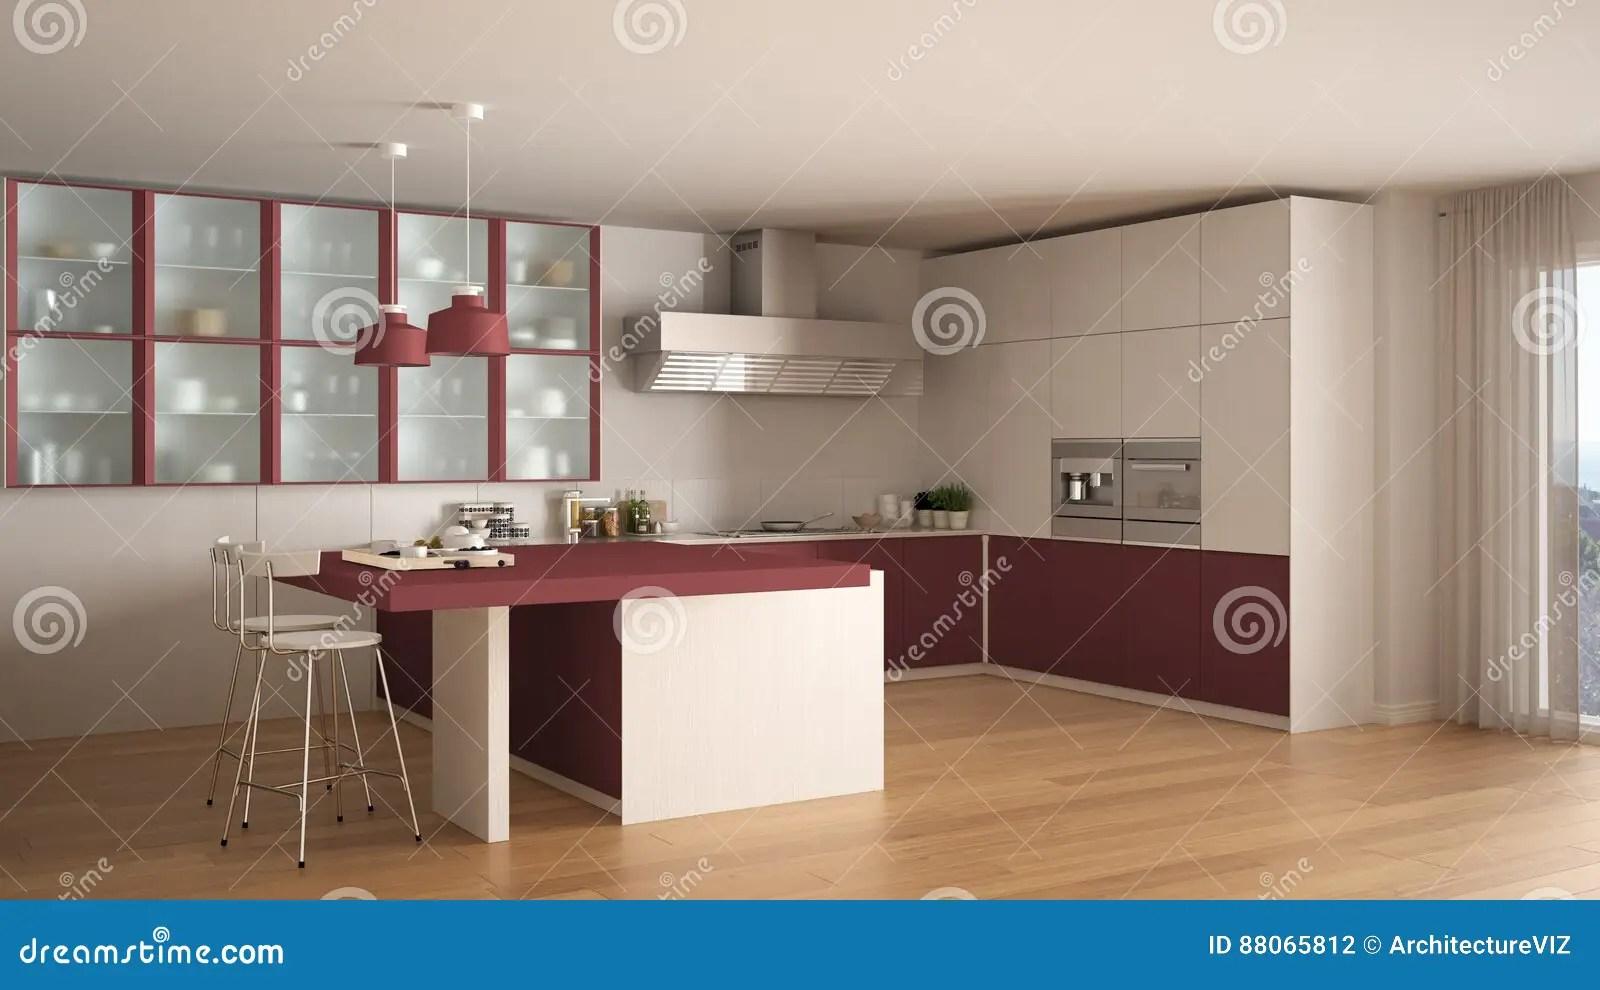 Top Cucina Rossa | Piastrelle Cucina Rosse